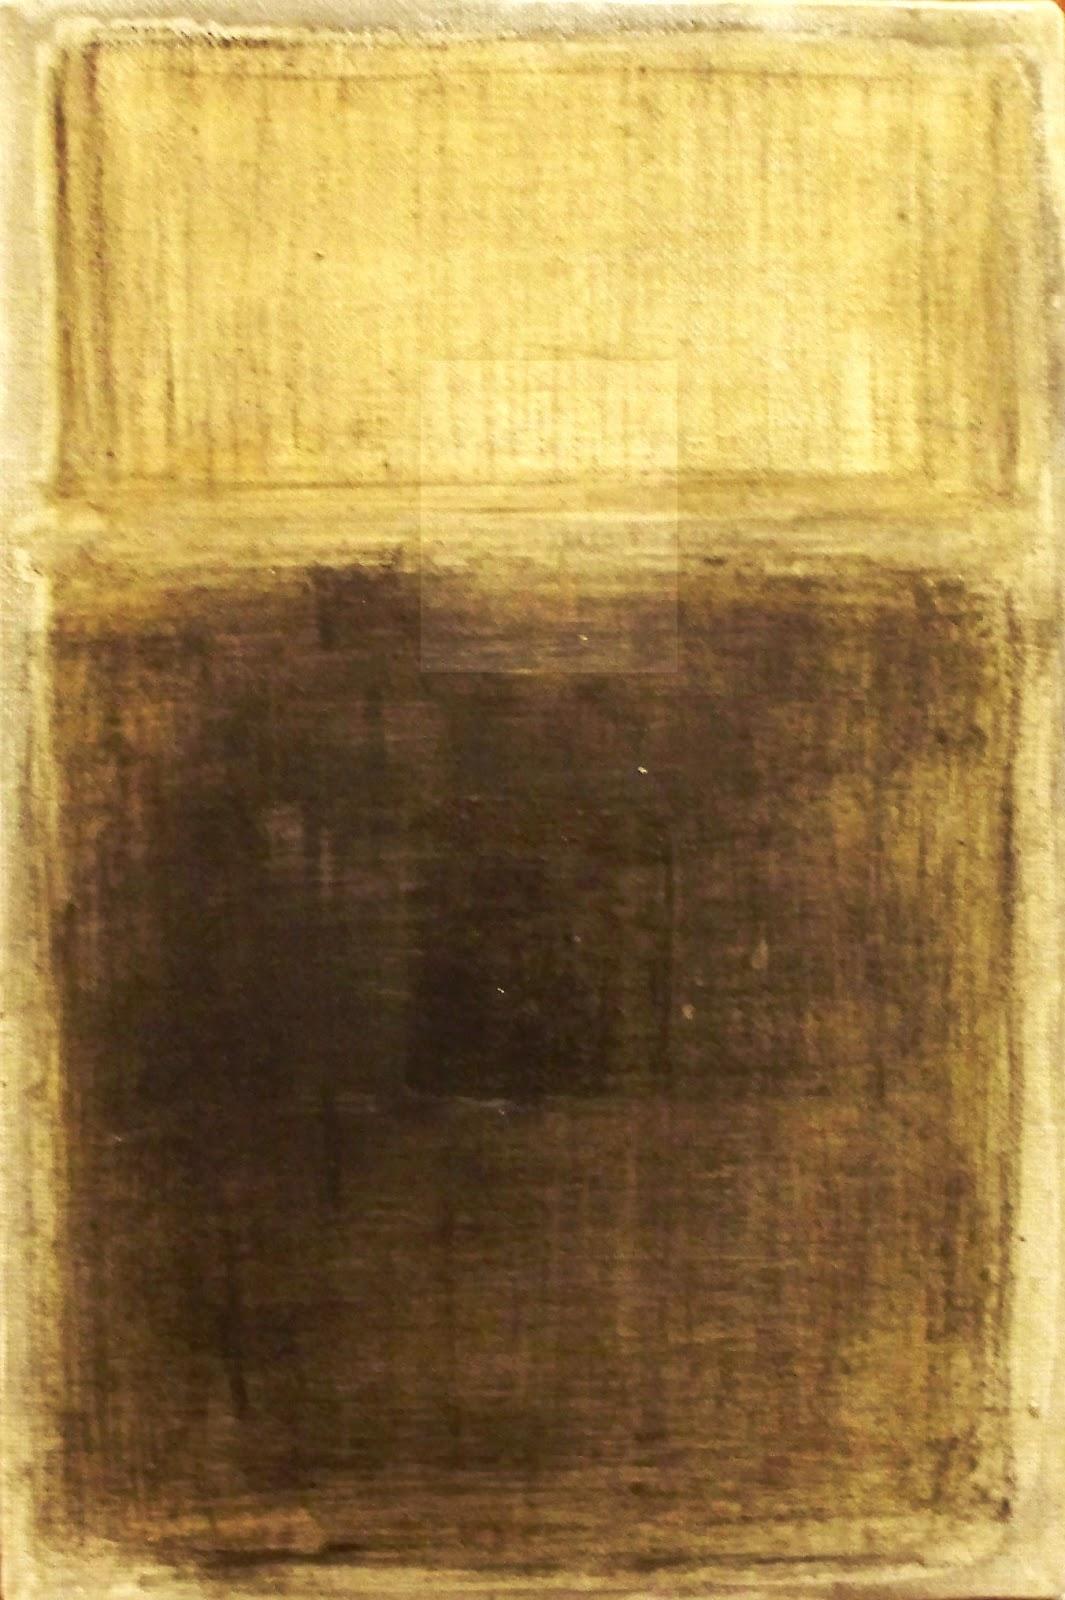 Pinturas abstractas de vanina martinez pinturas vanina - Cuadros minimalistas modernos lo ultimo arte ...